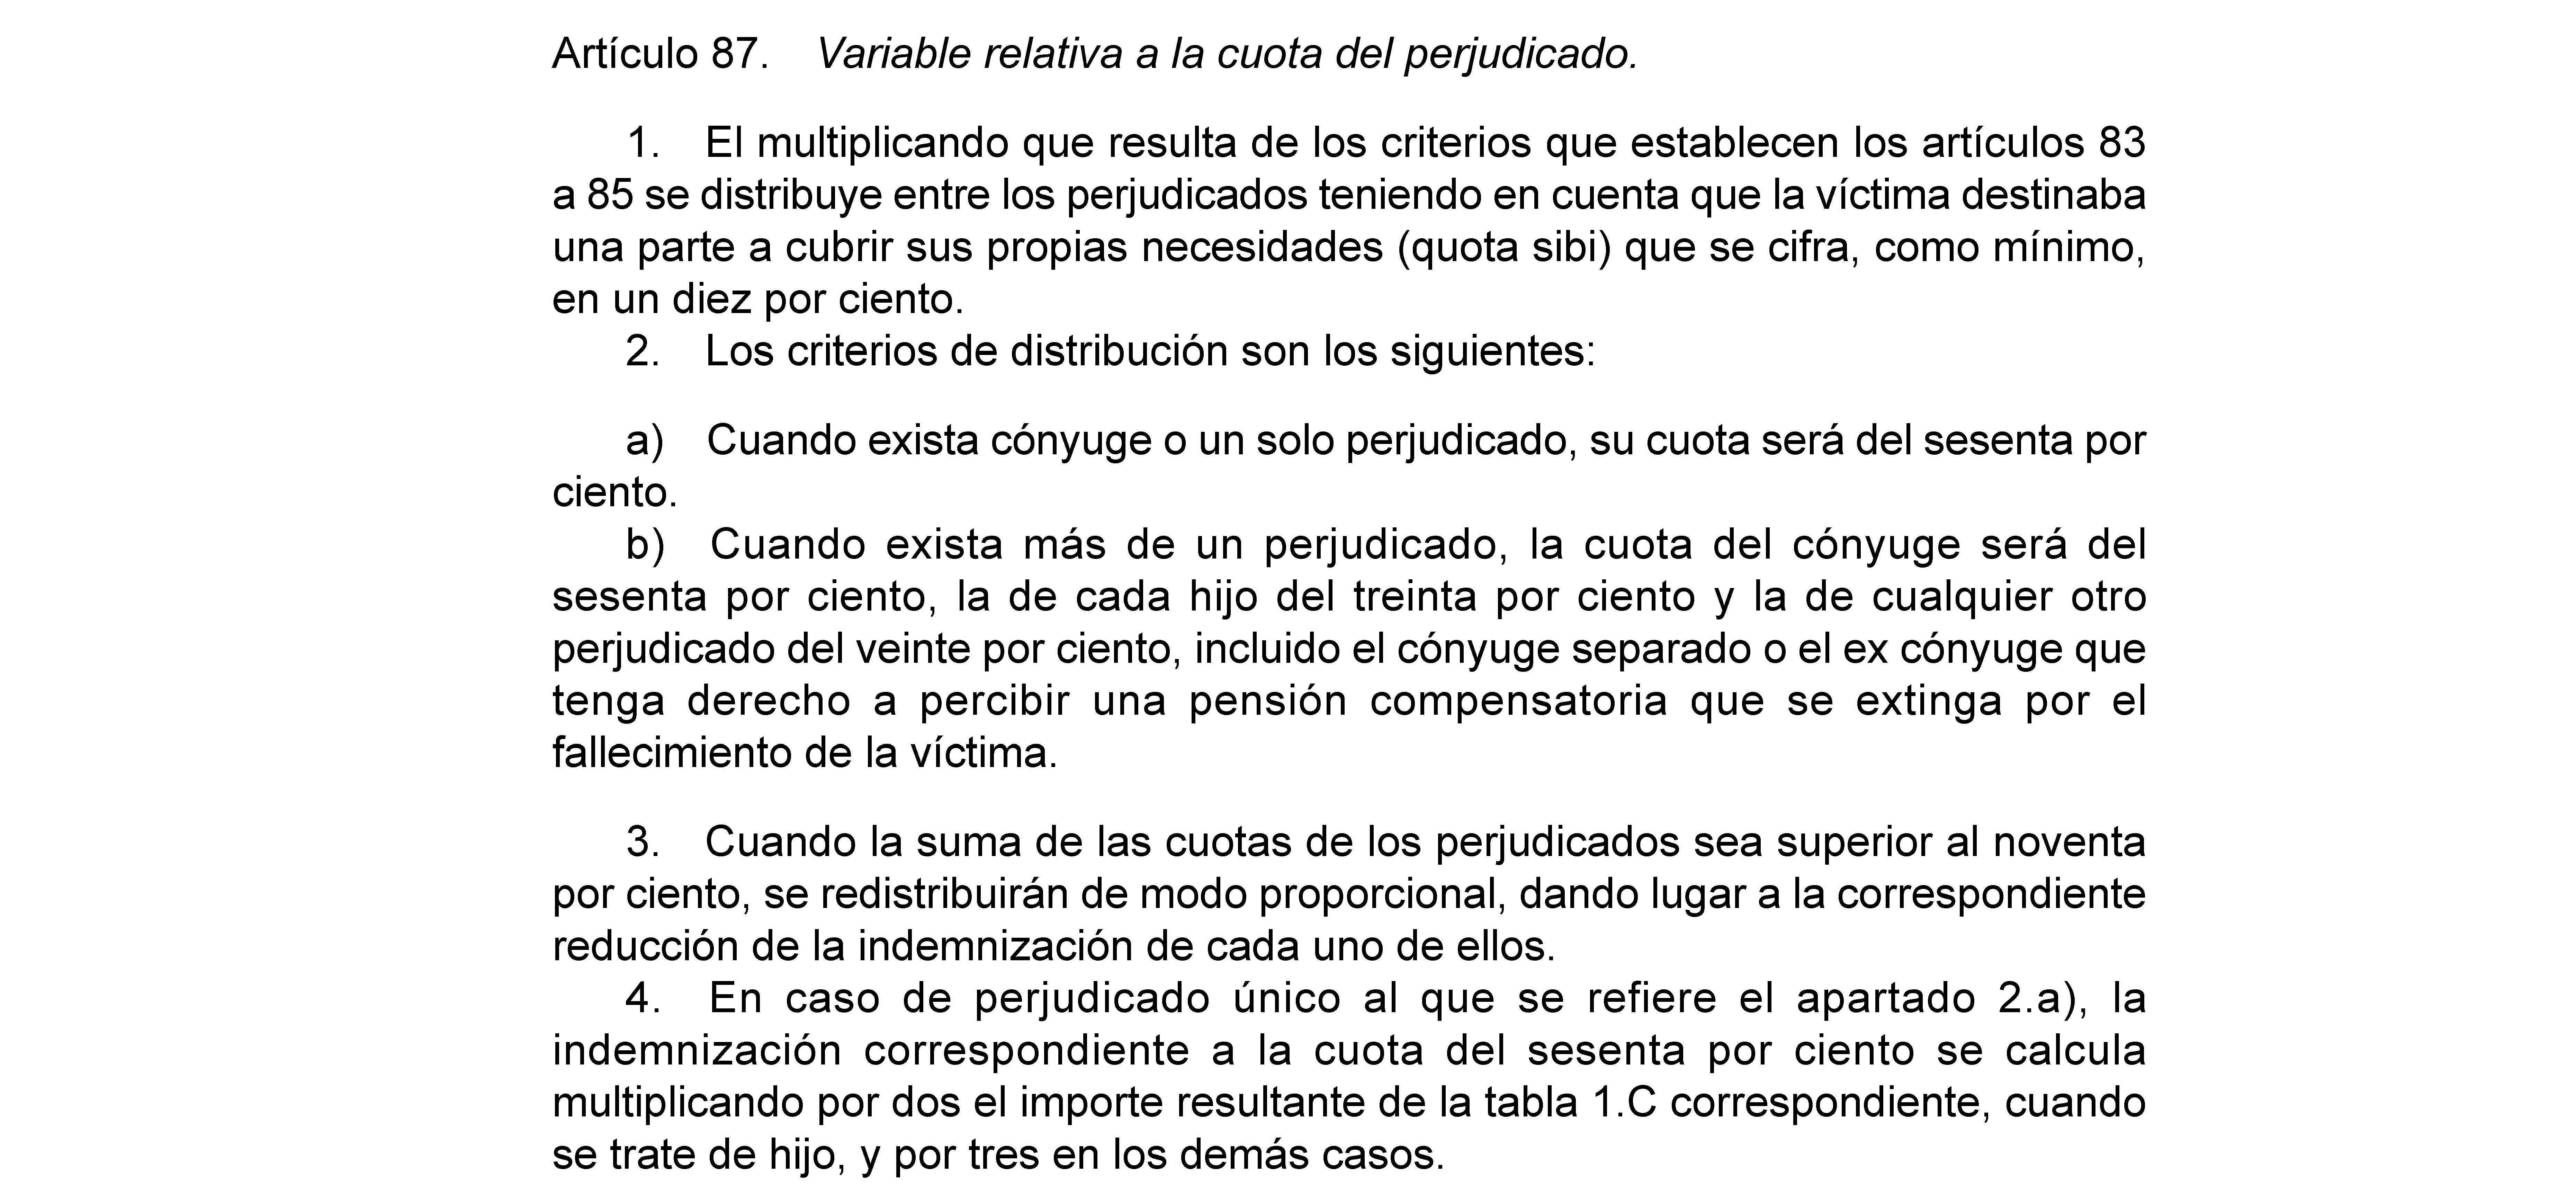 Artículo 87, indemnización por muerte en accidente de tráfico